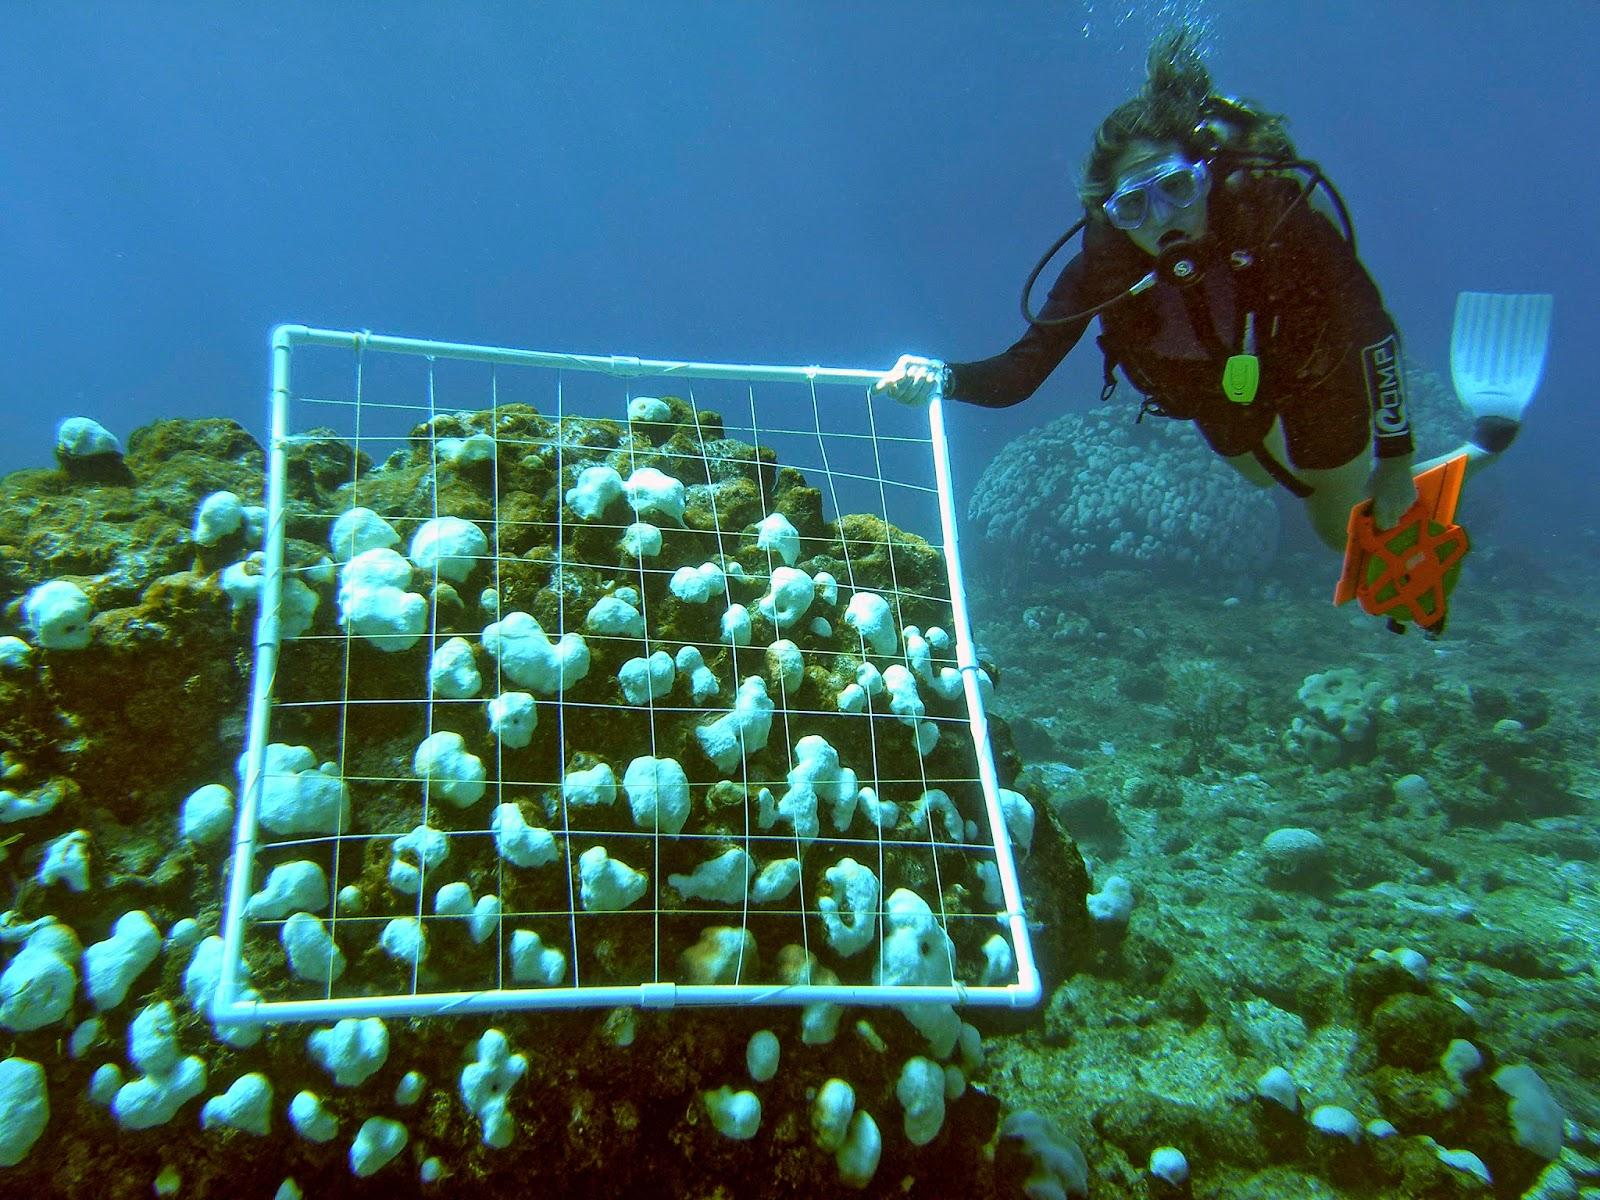 O aumento da temperatura da água causa o branqueamento dos corais, ou seja, os corais morrem, restando apenas a sua estrutura calcária branca (esqueleto). Crédito: NOAA